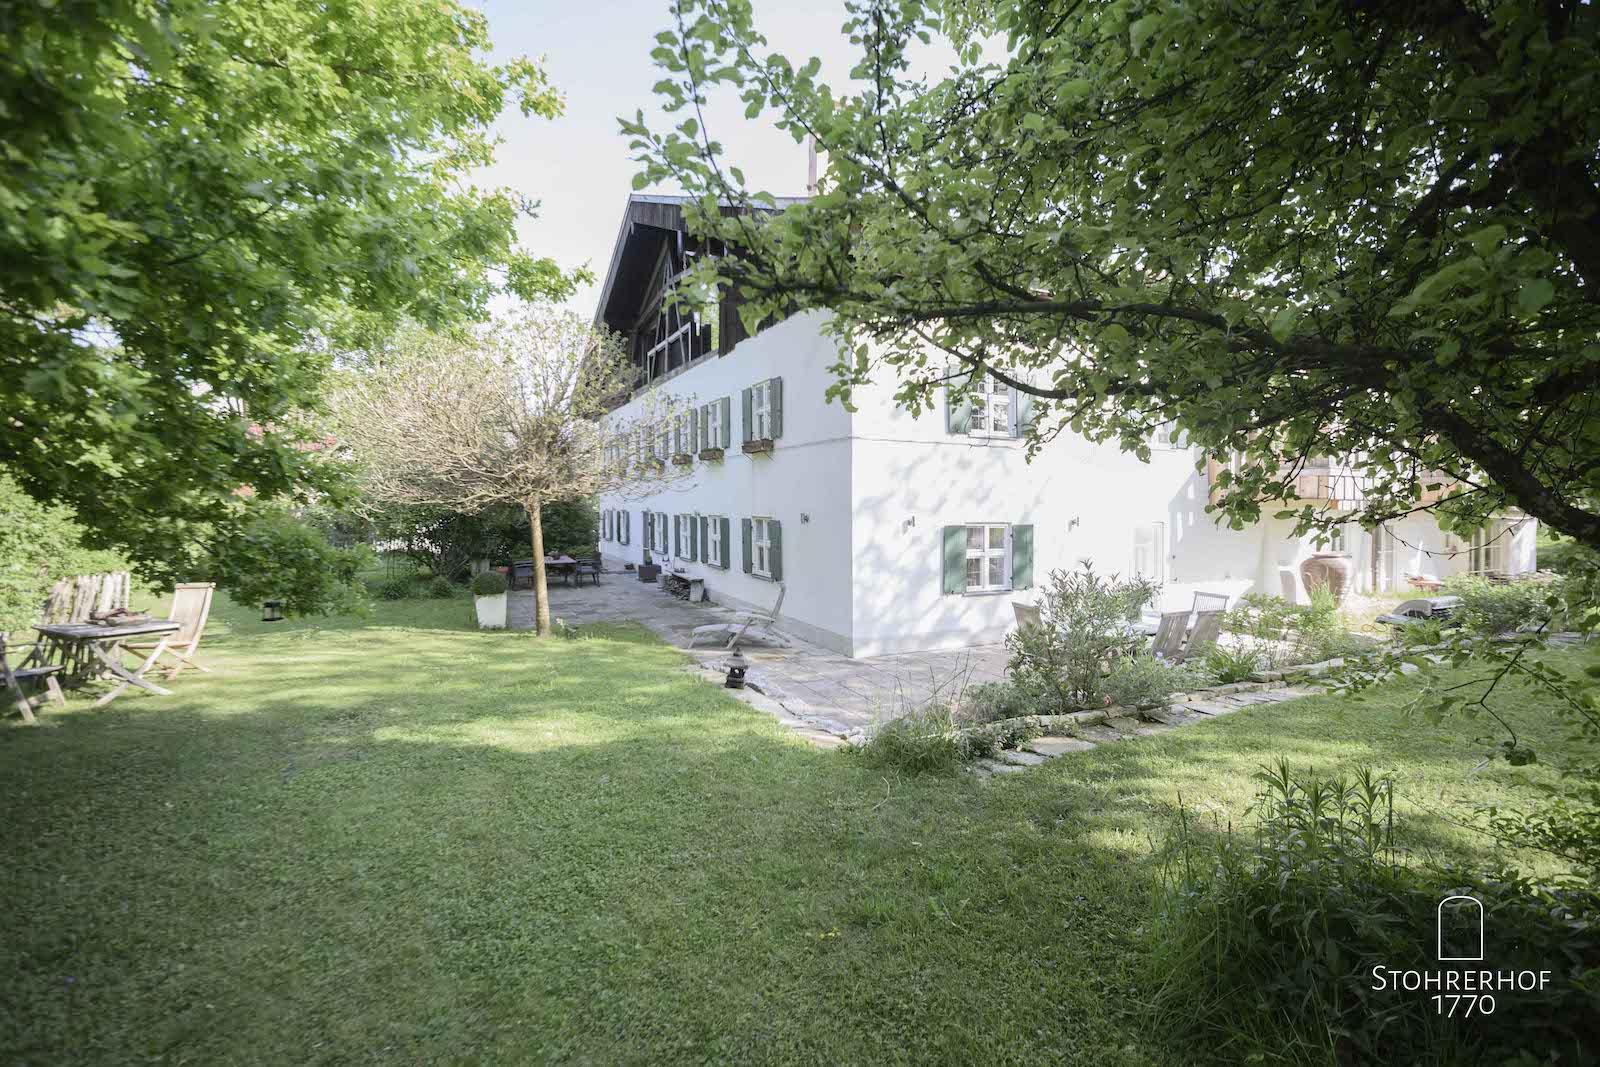 46-Garten-zur-Küchenseite-3-K